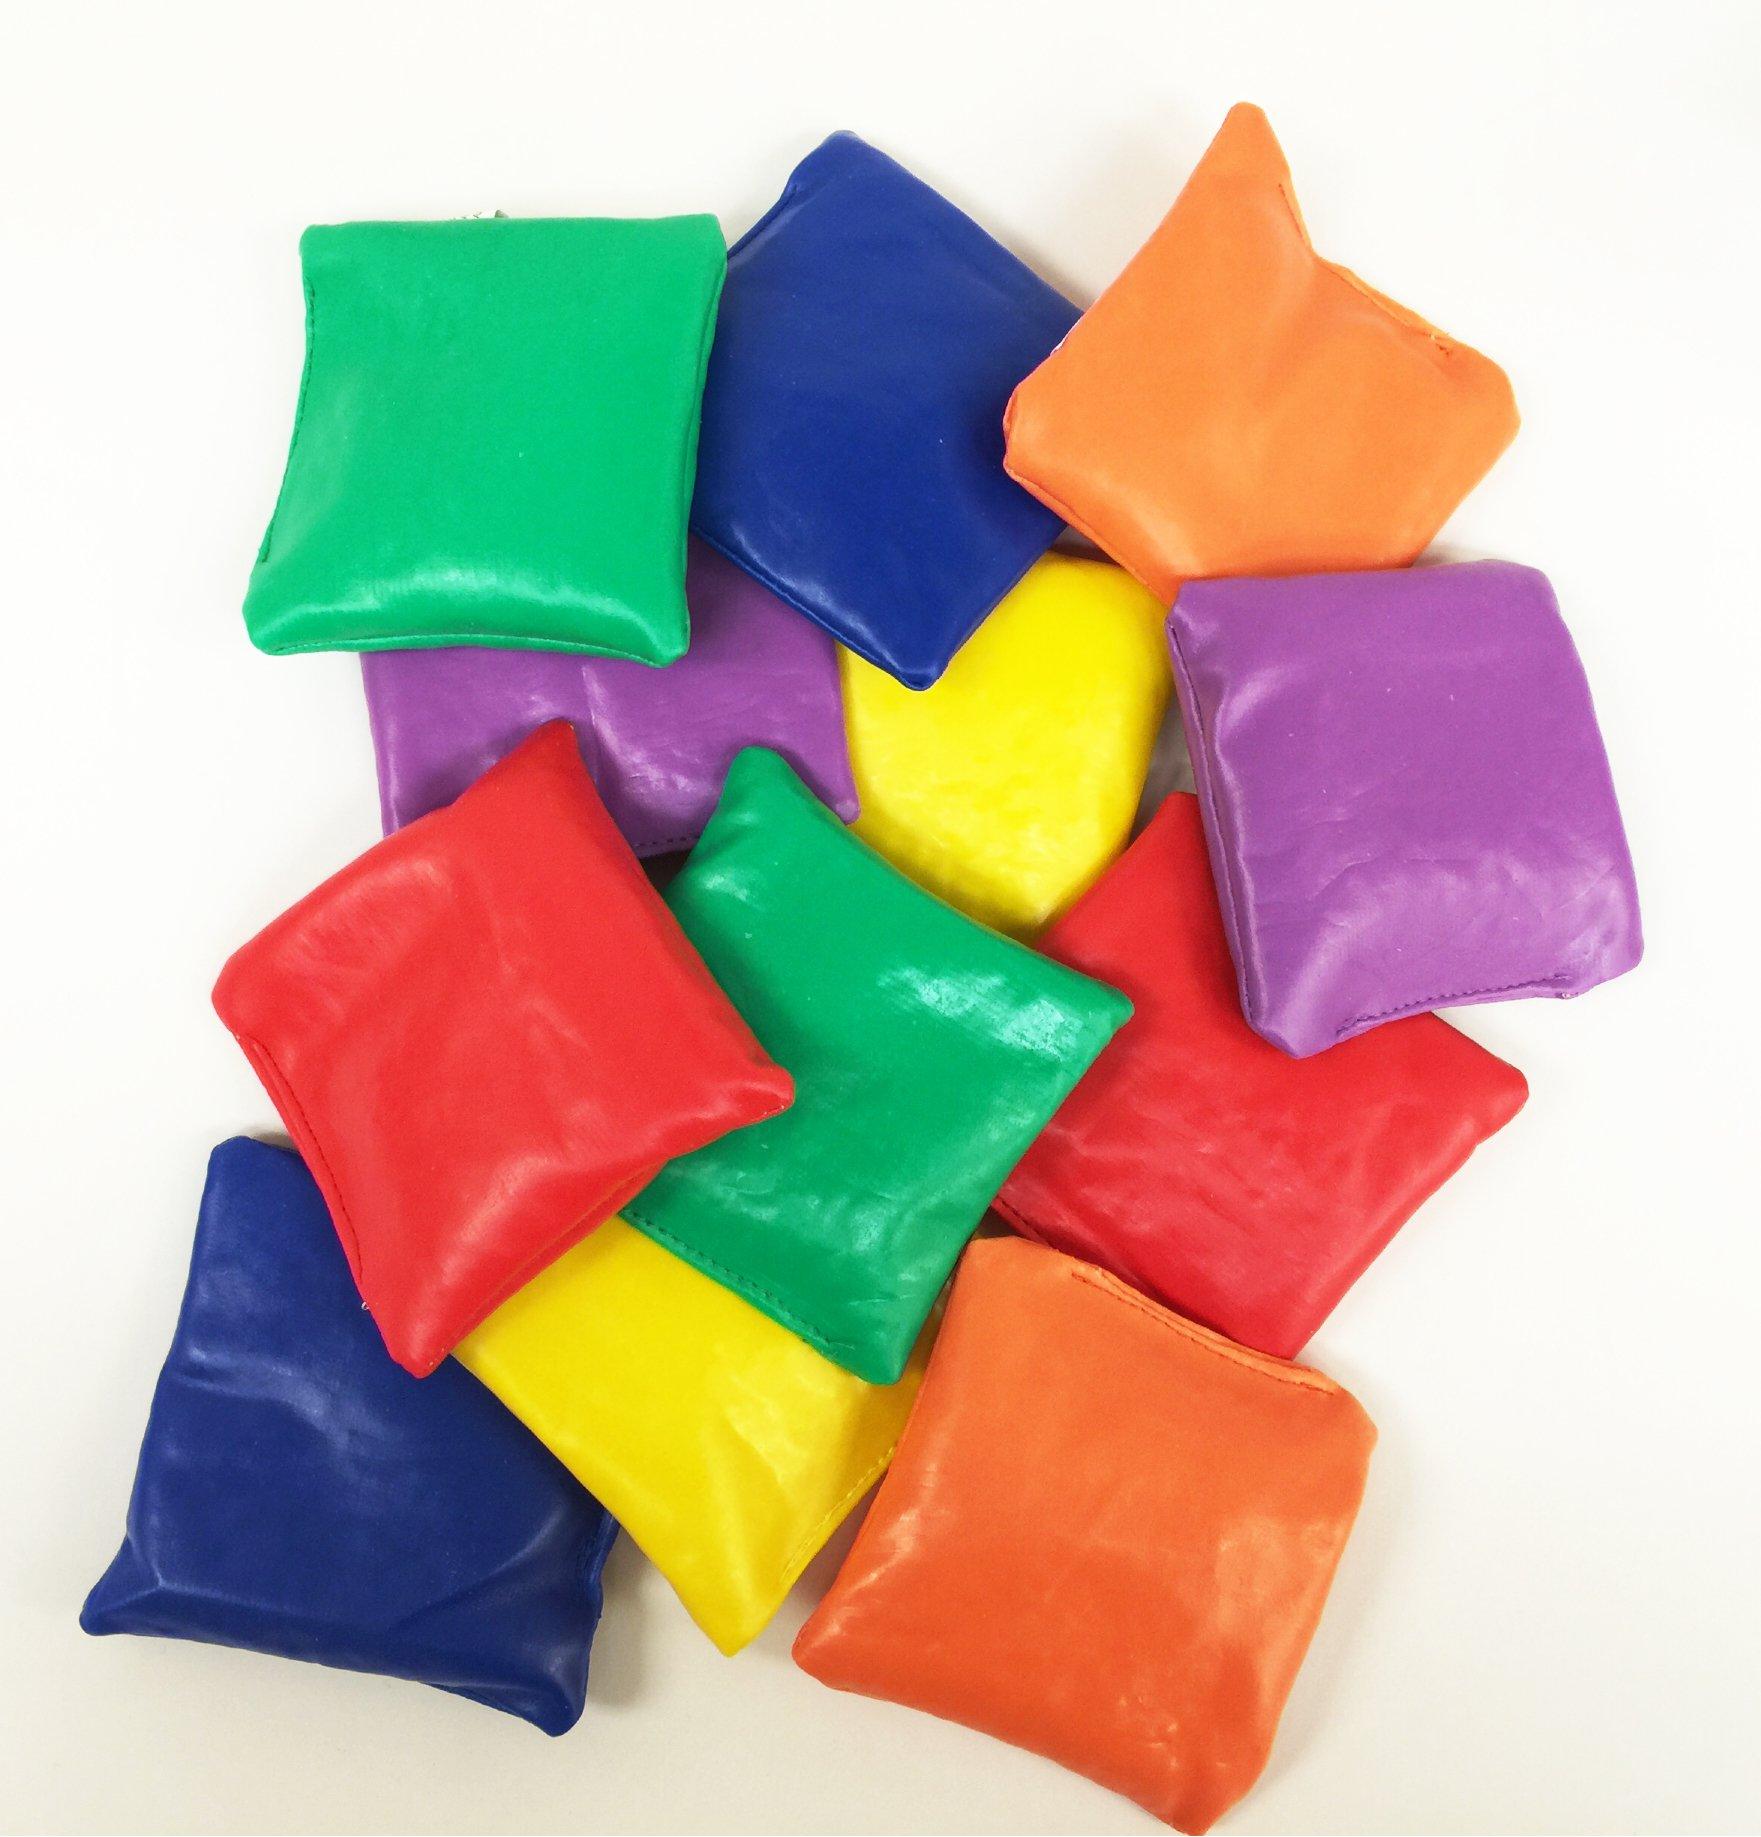 GIFTEXPRESS 1 DOZEN Vinyl Bean Bags Educational/Toss Games/Parachute Games/Classroom Supplies